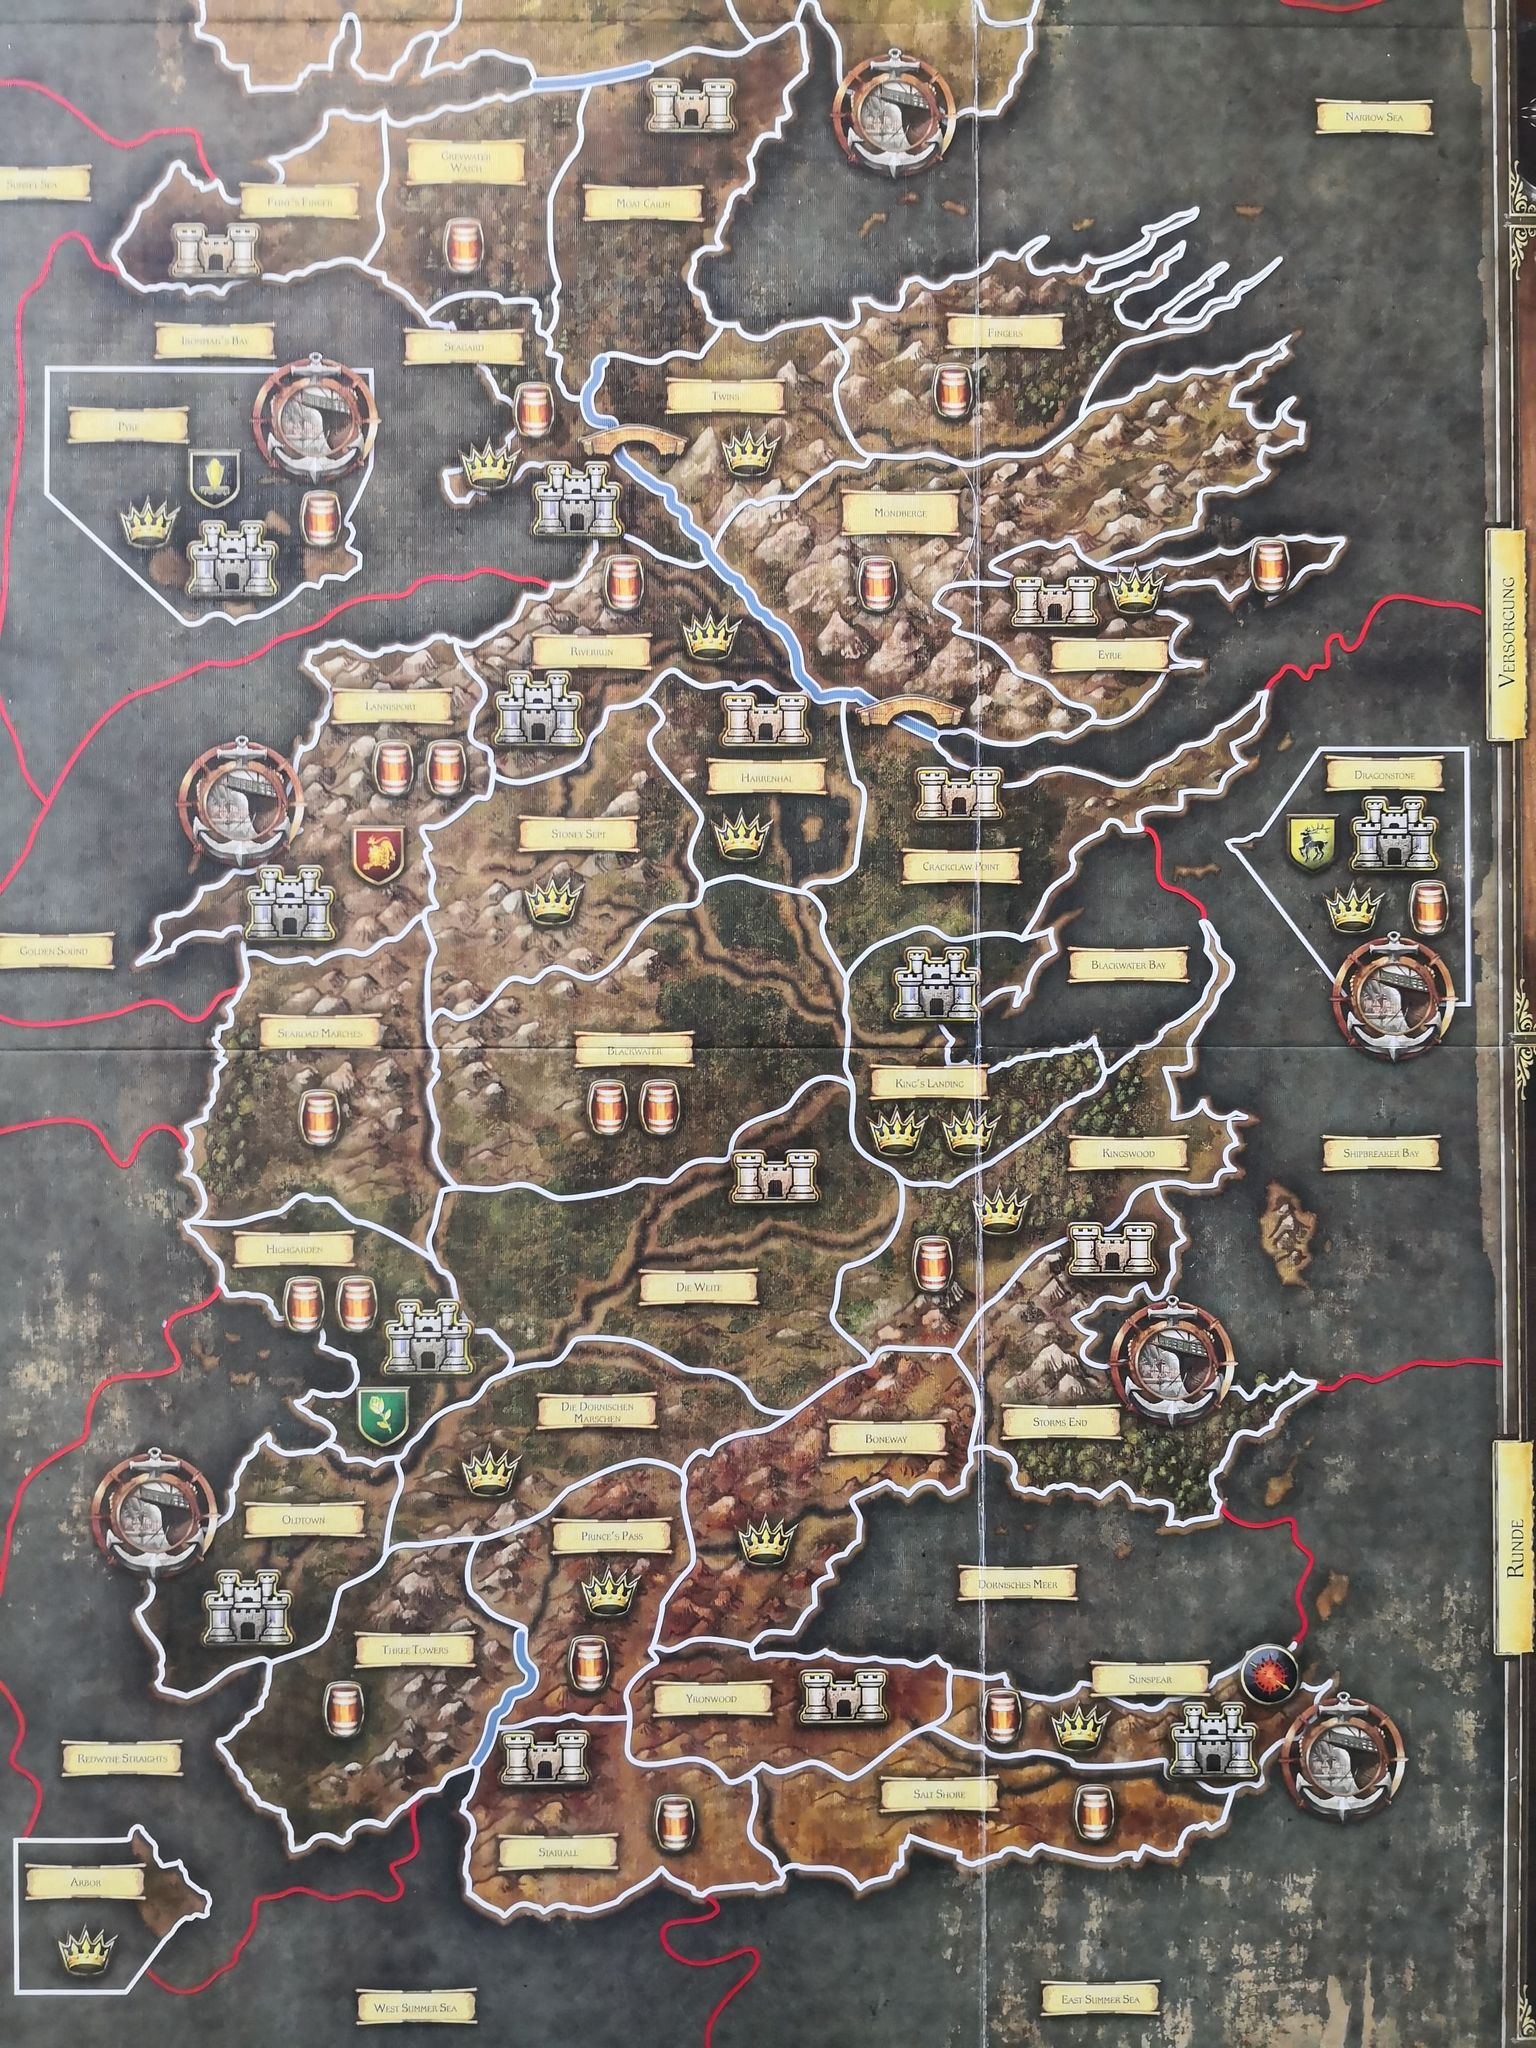 Wer erobert Westeros?